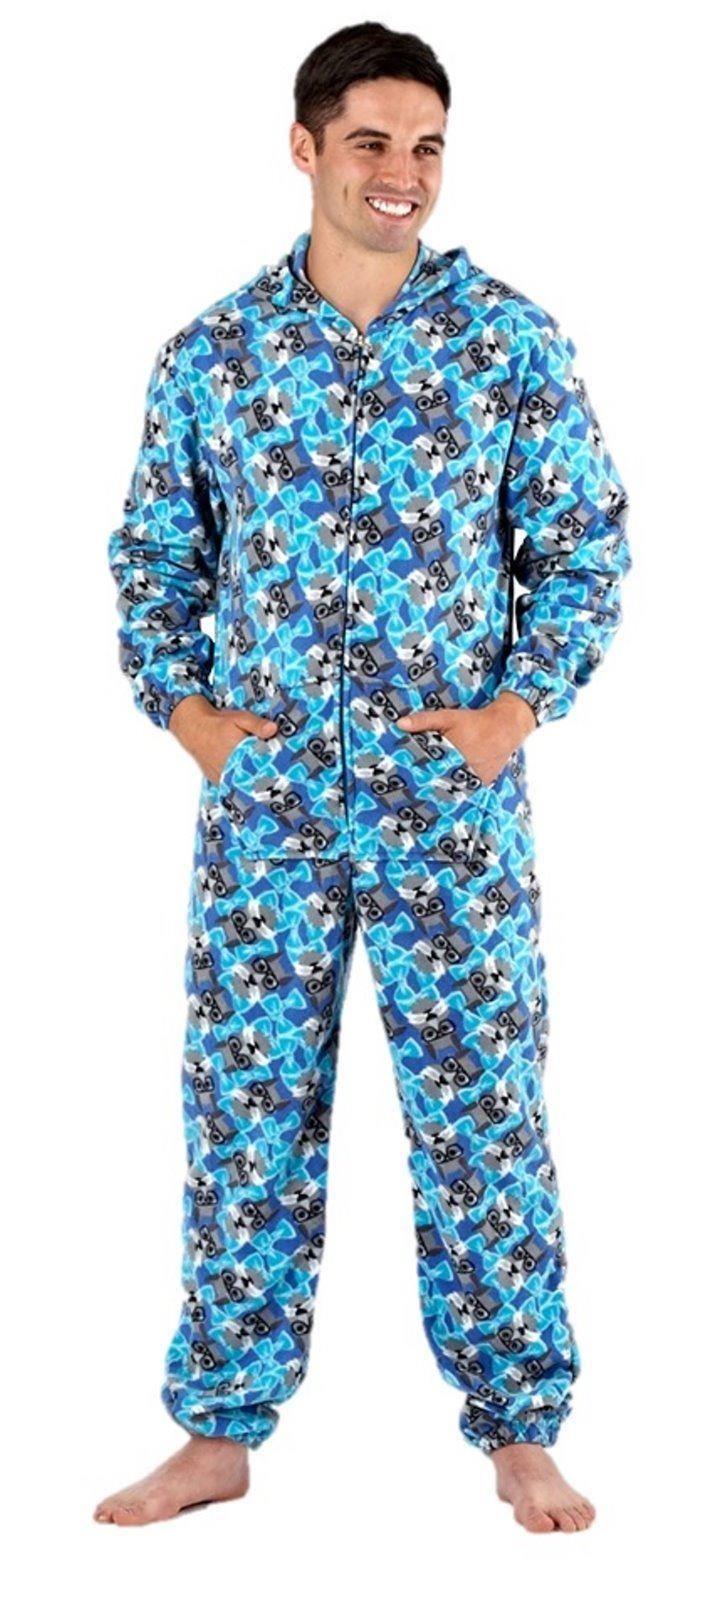 Homme pyjama combinaison polaire pyjamas tout en un barboteuse geek s m l ebay - Combinaison polaire homme ...